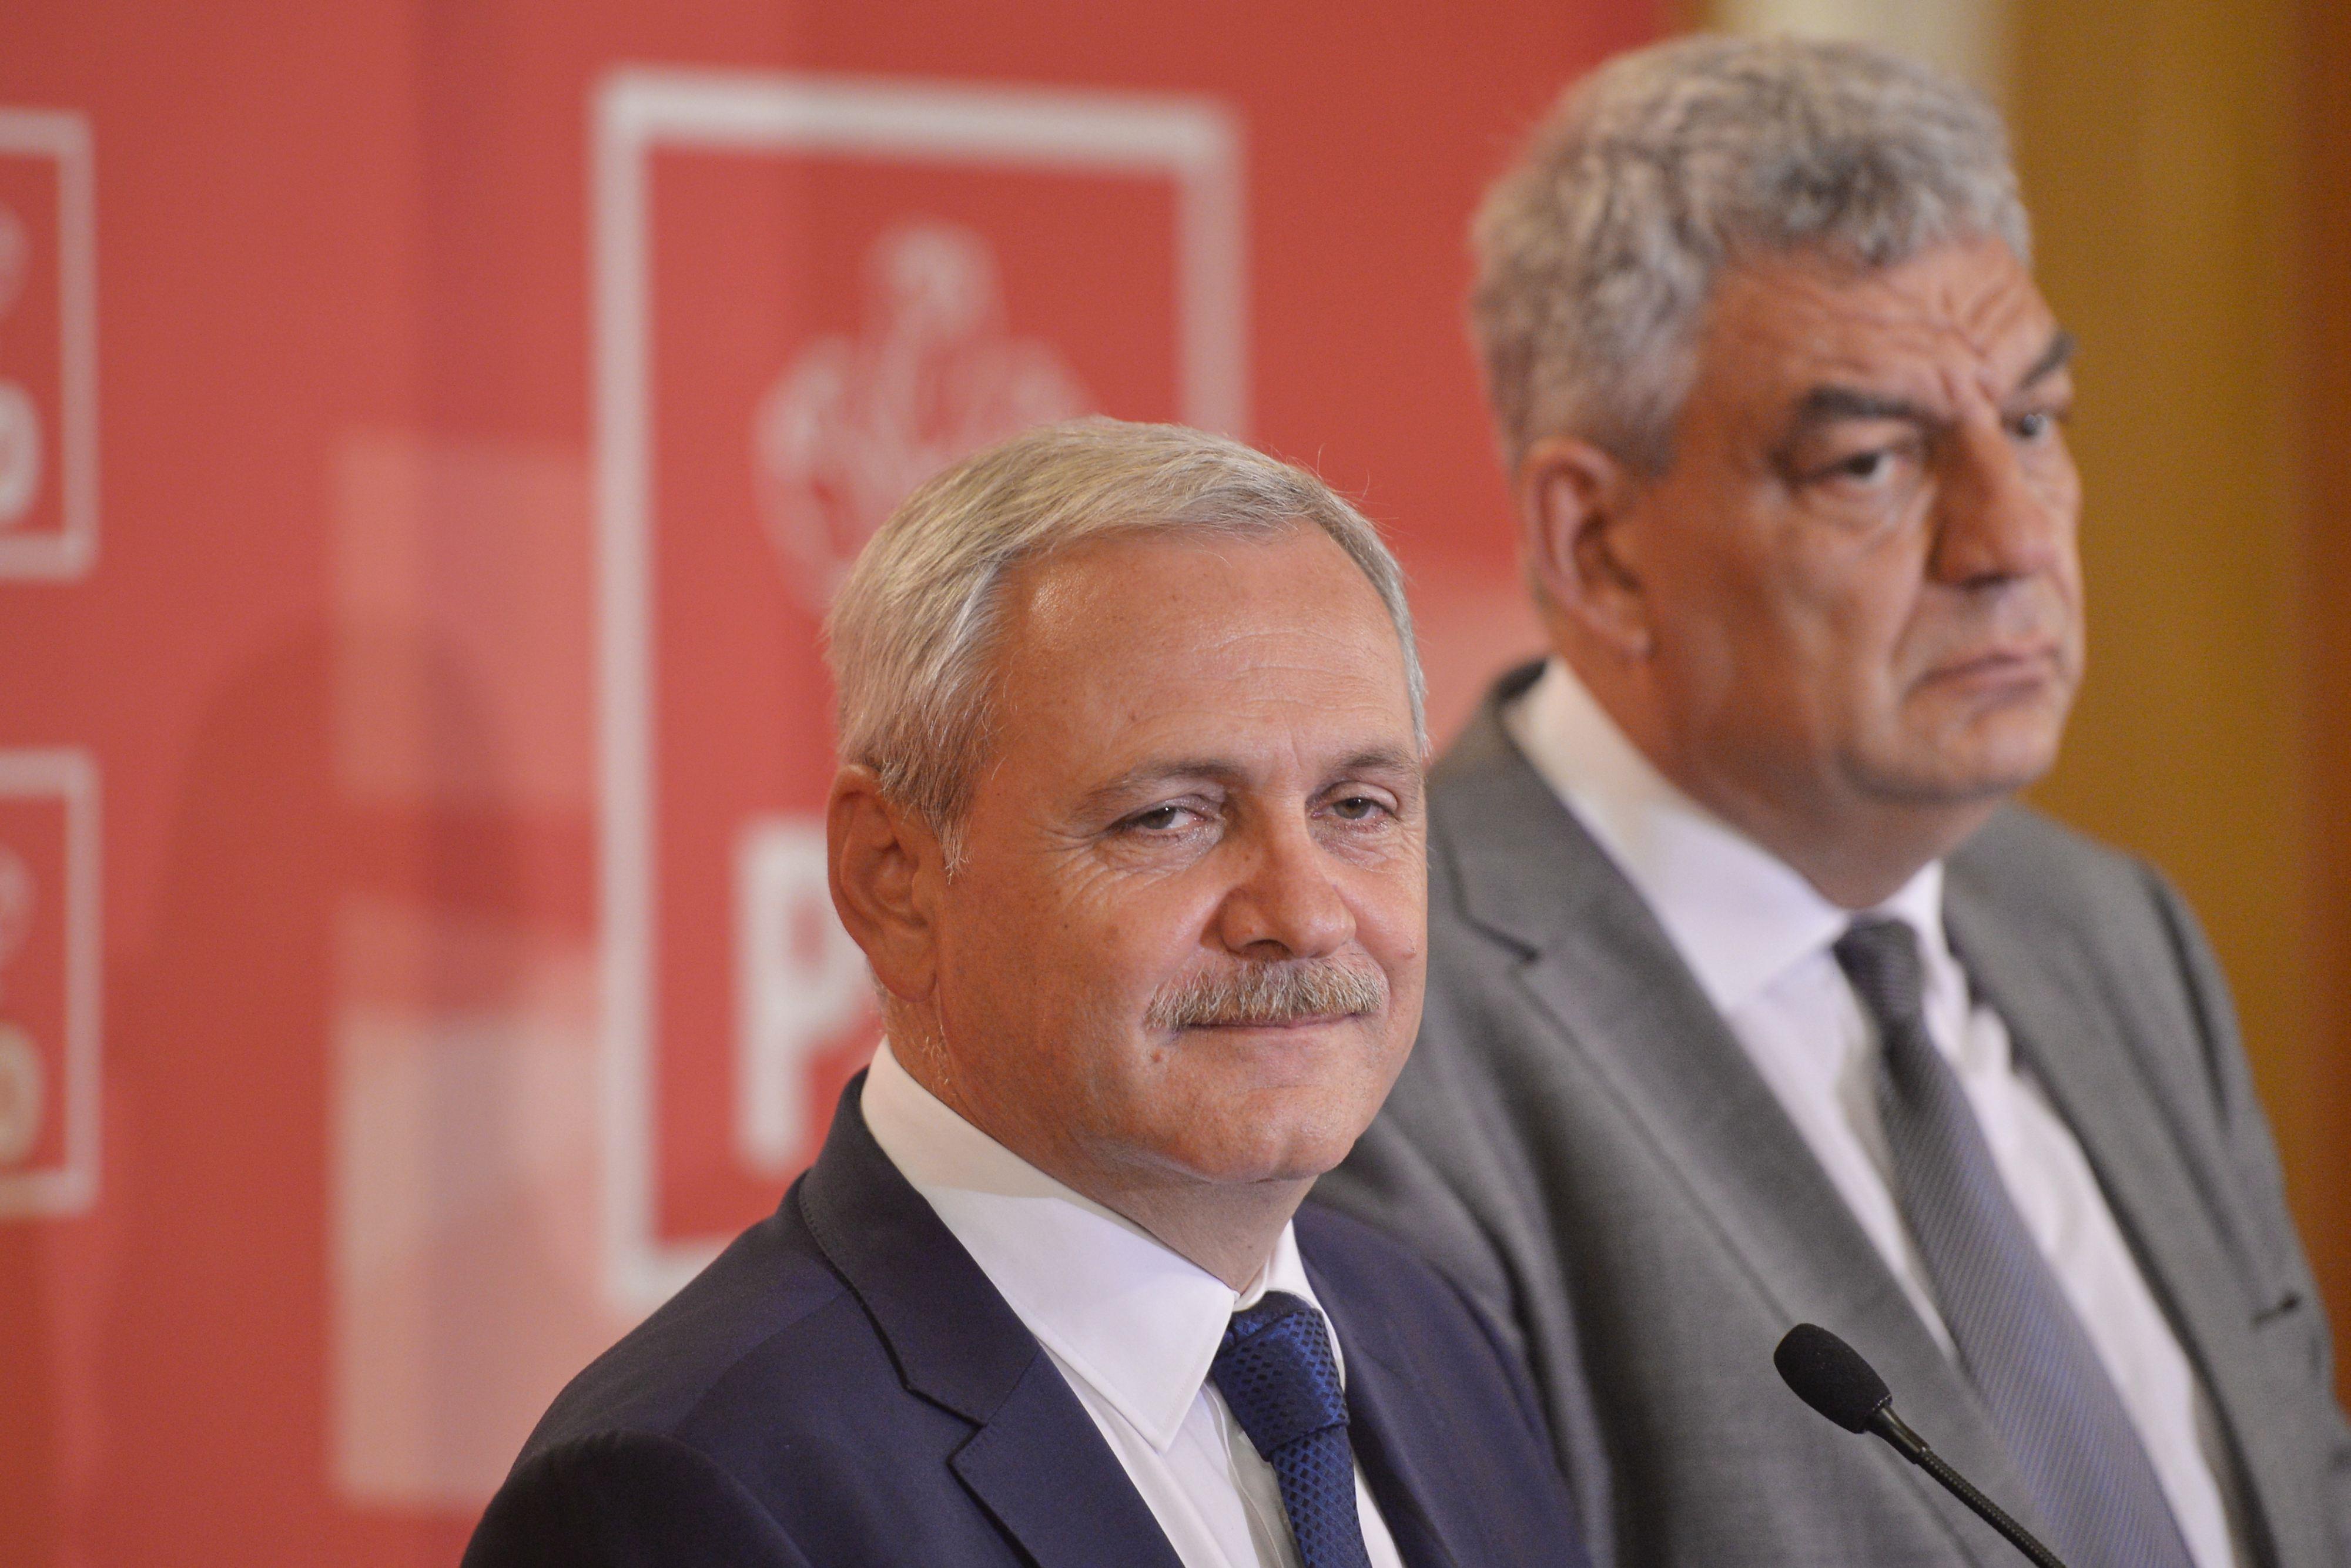 Cartel Alfa, scrisoare către PSD privind transferul taxelor. Sindicatul cere o întâlnire cu Dragnea